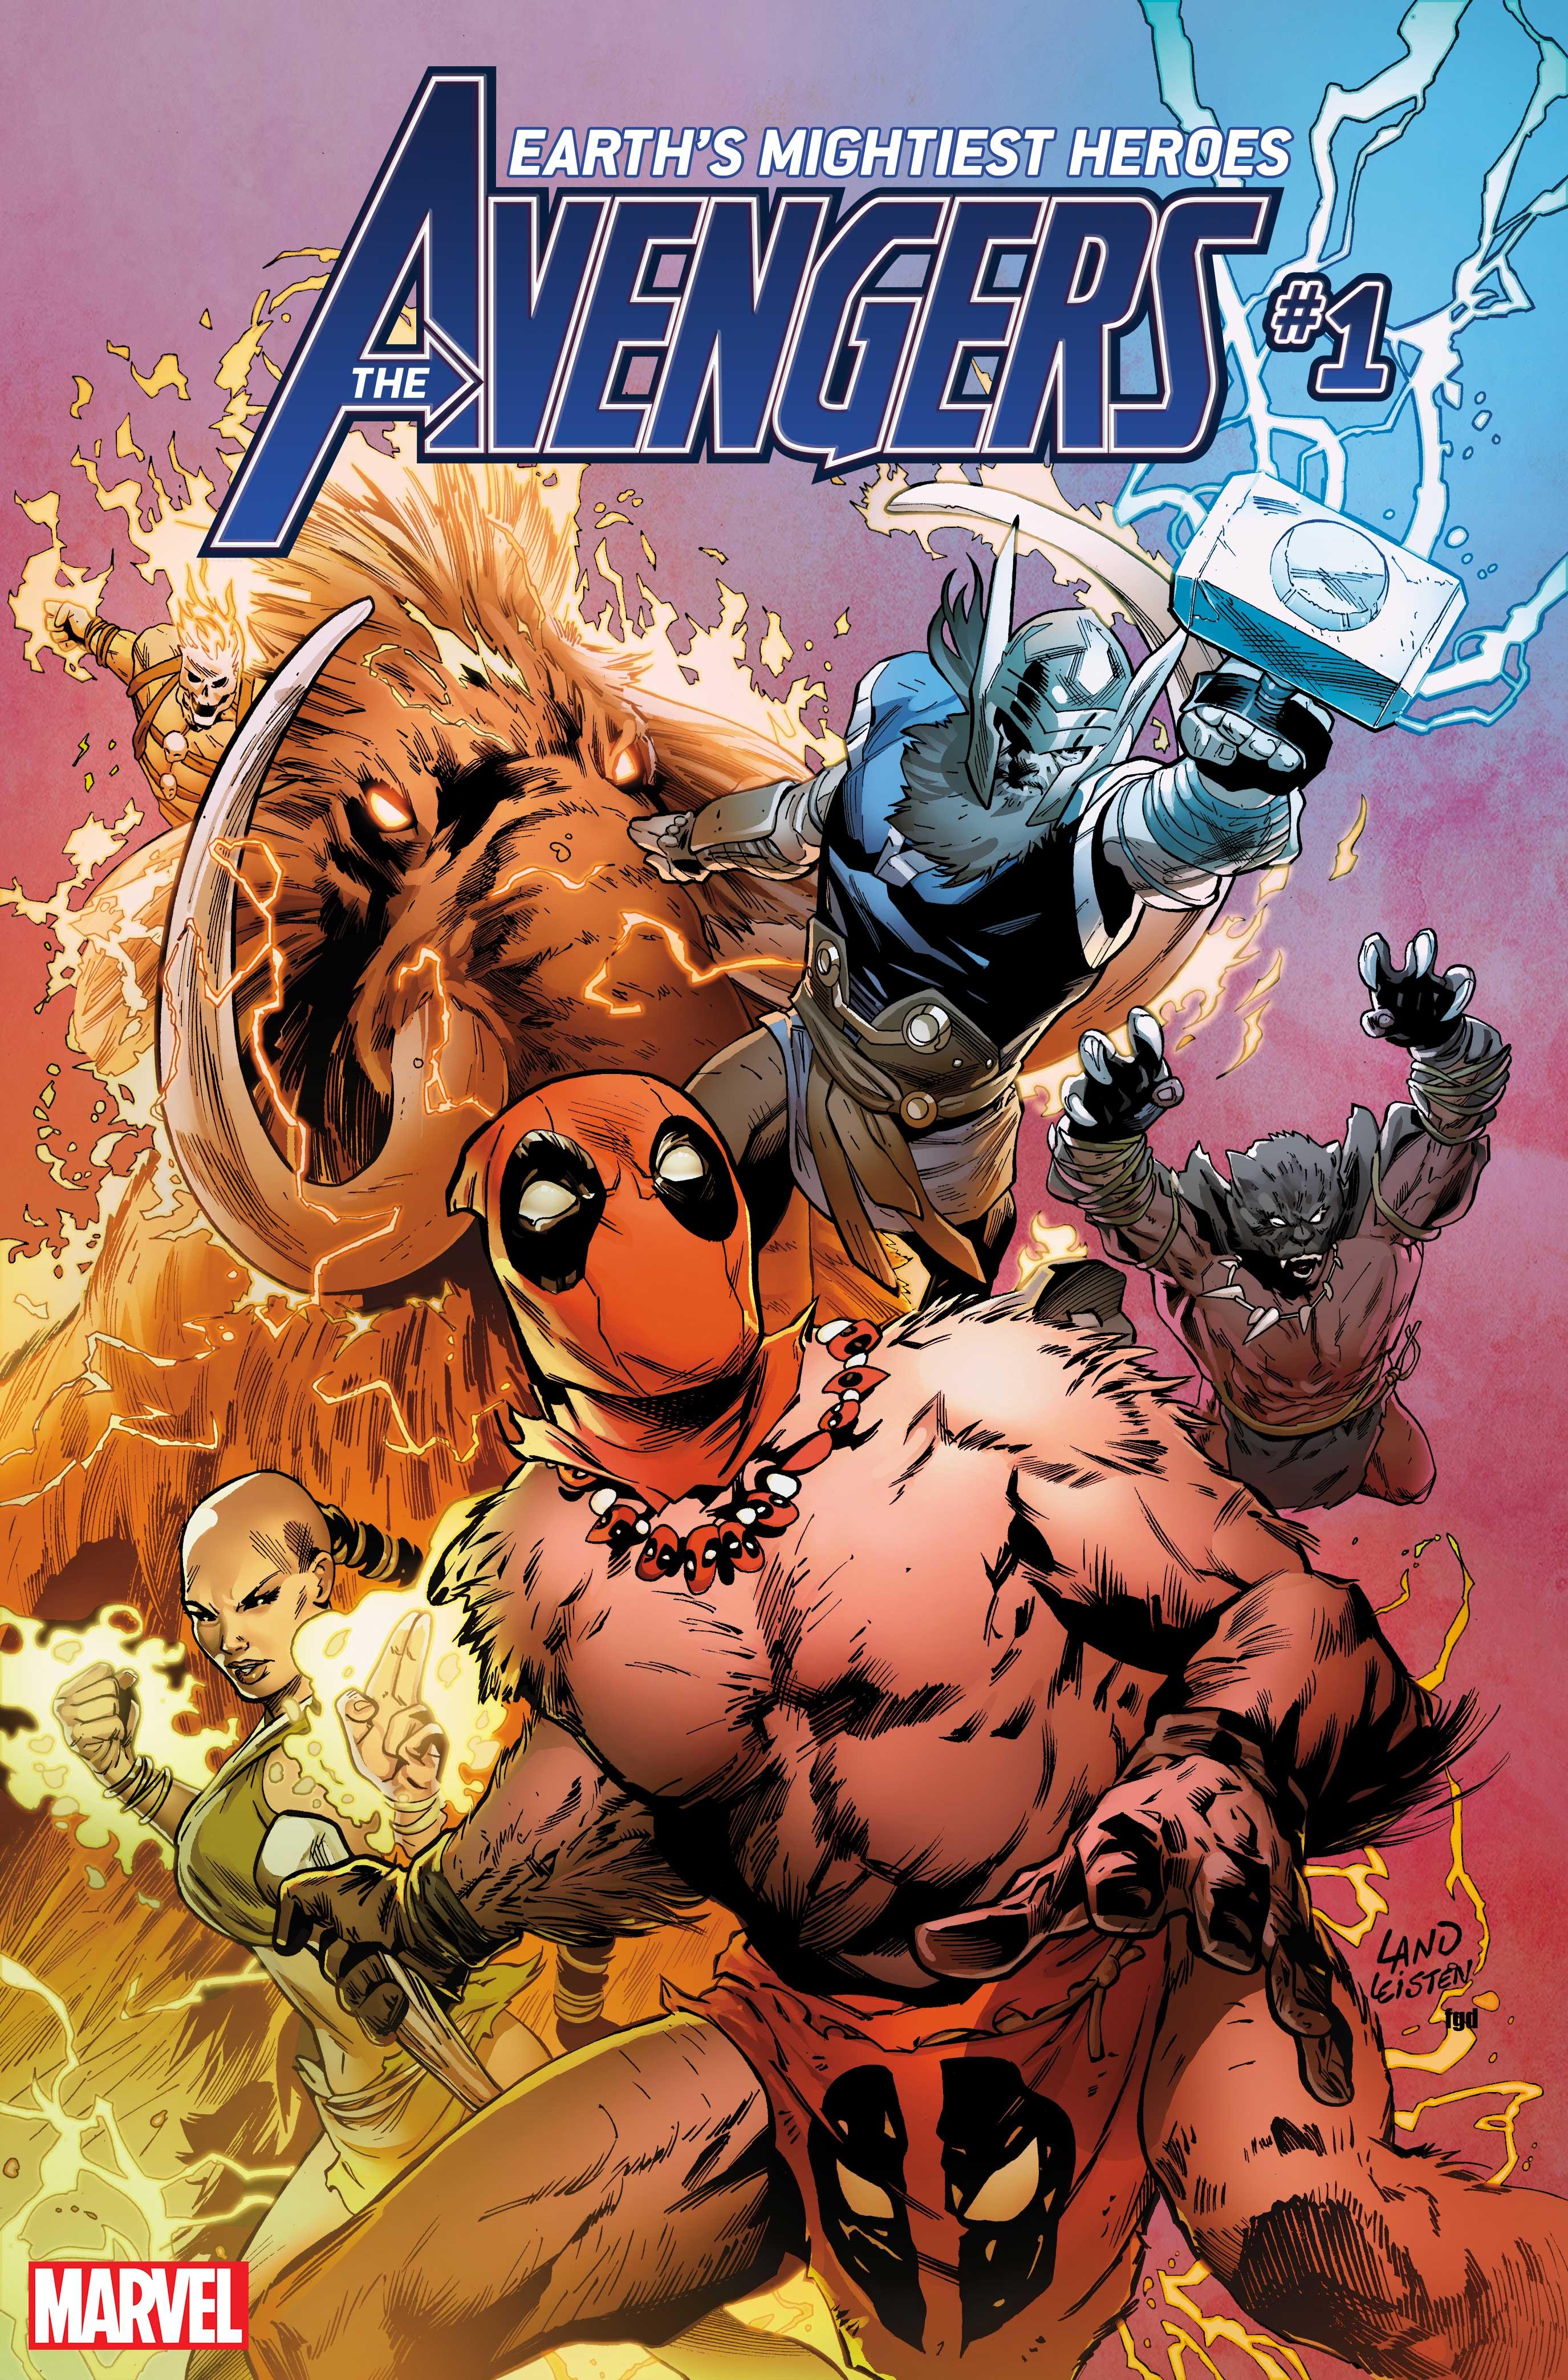 Greg Land Avengers #1